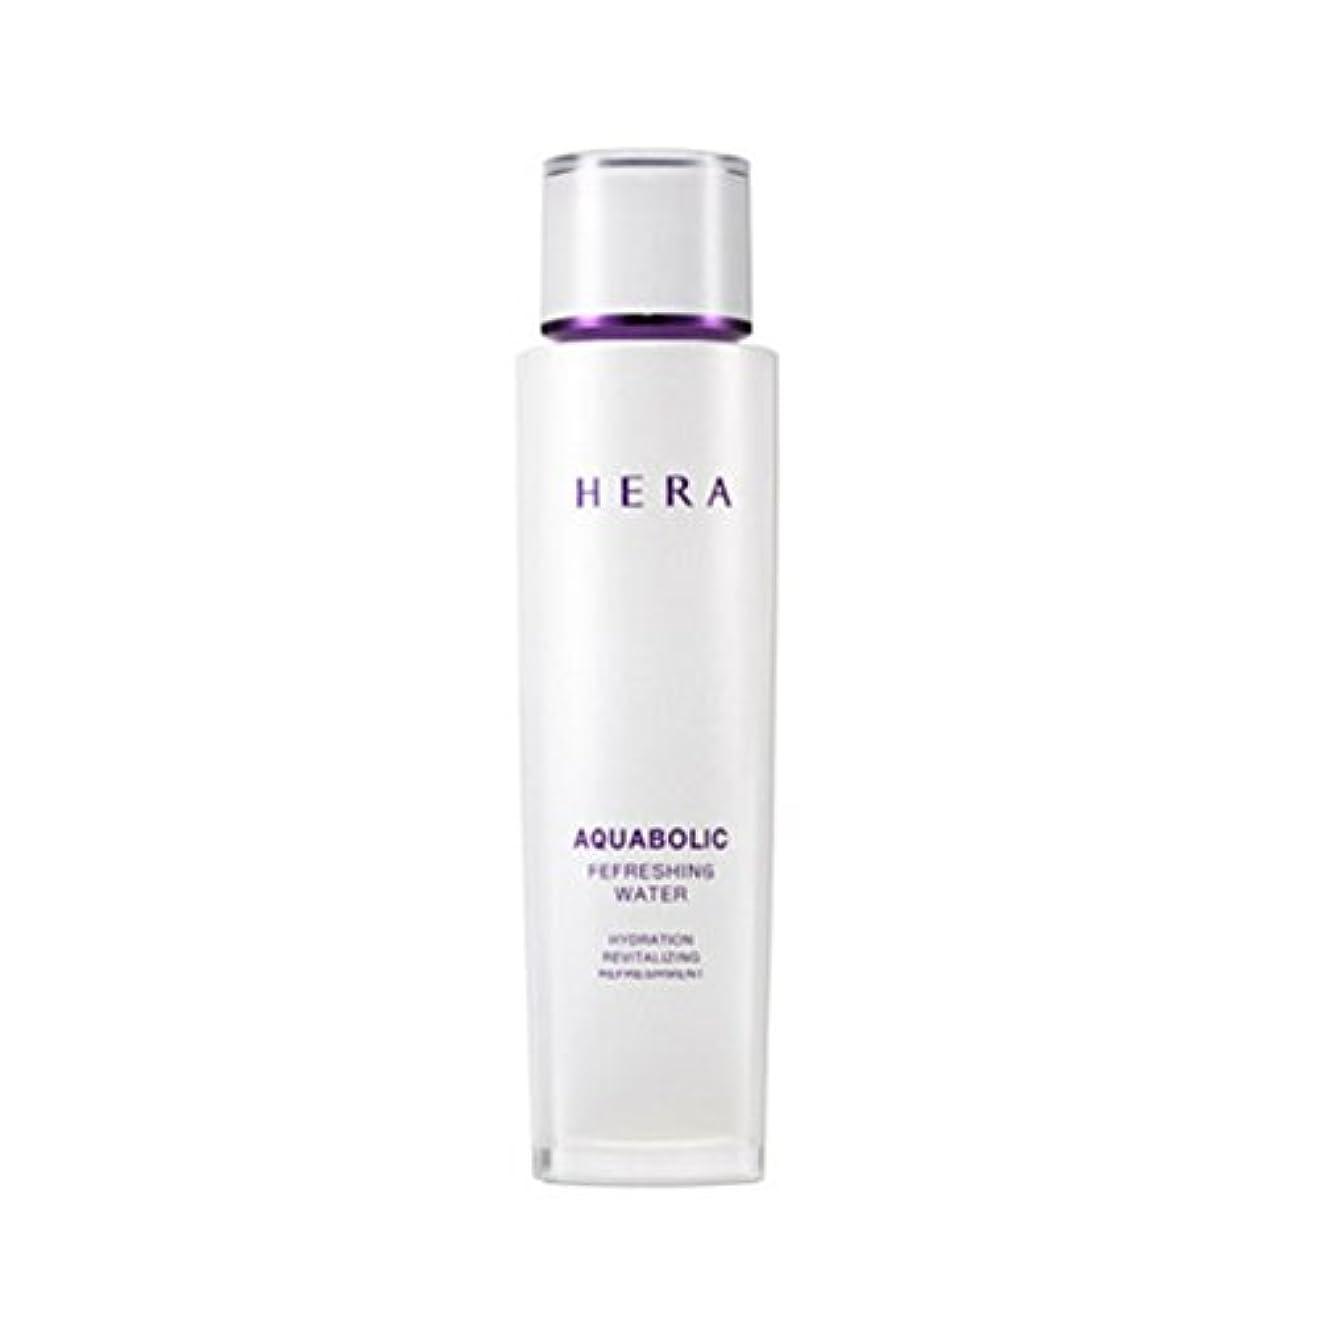 長方形食事を調理するレーザ(ヘラ) HERA アクアボリック リフレッシングウォーター (化粧水) 150ml / Aquabolic Refreshing Water 150ml (韓国直発送)